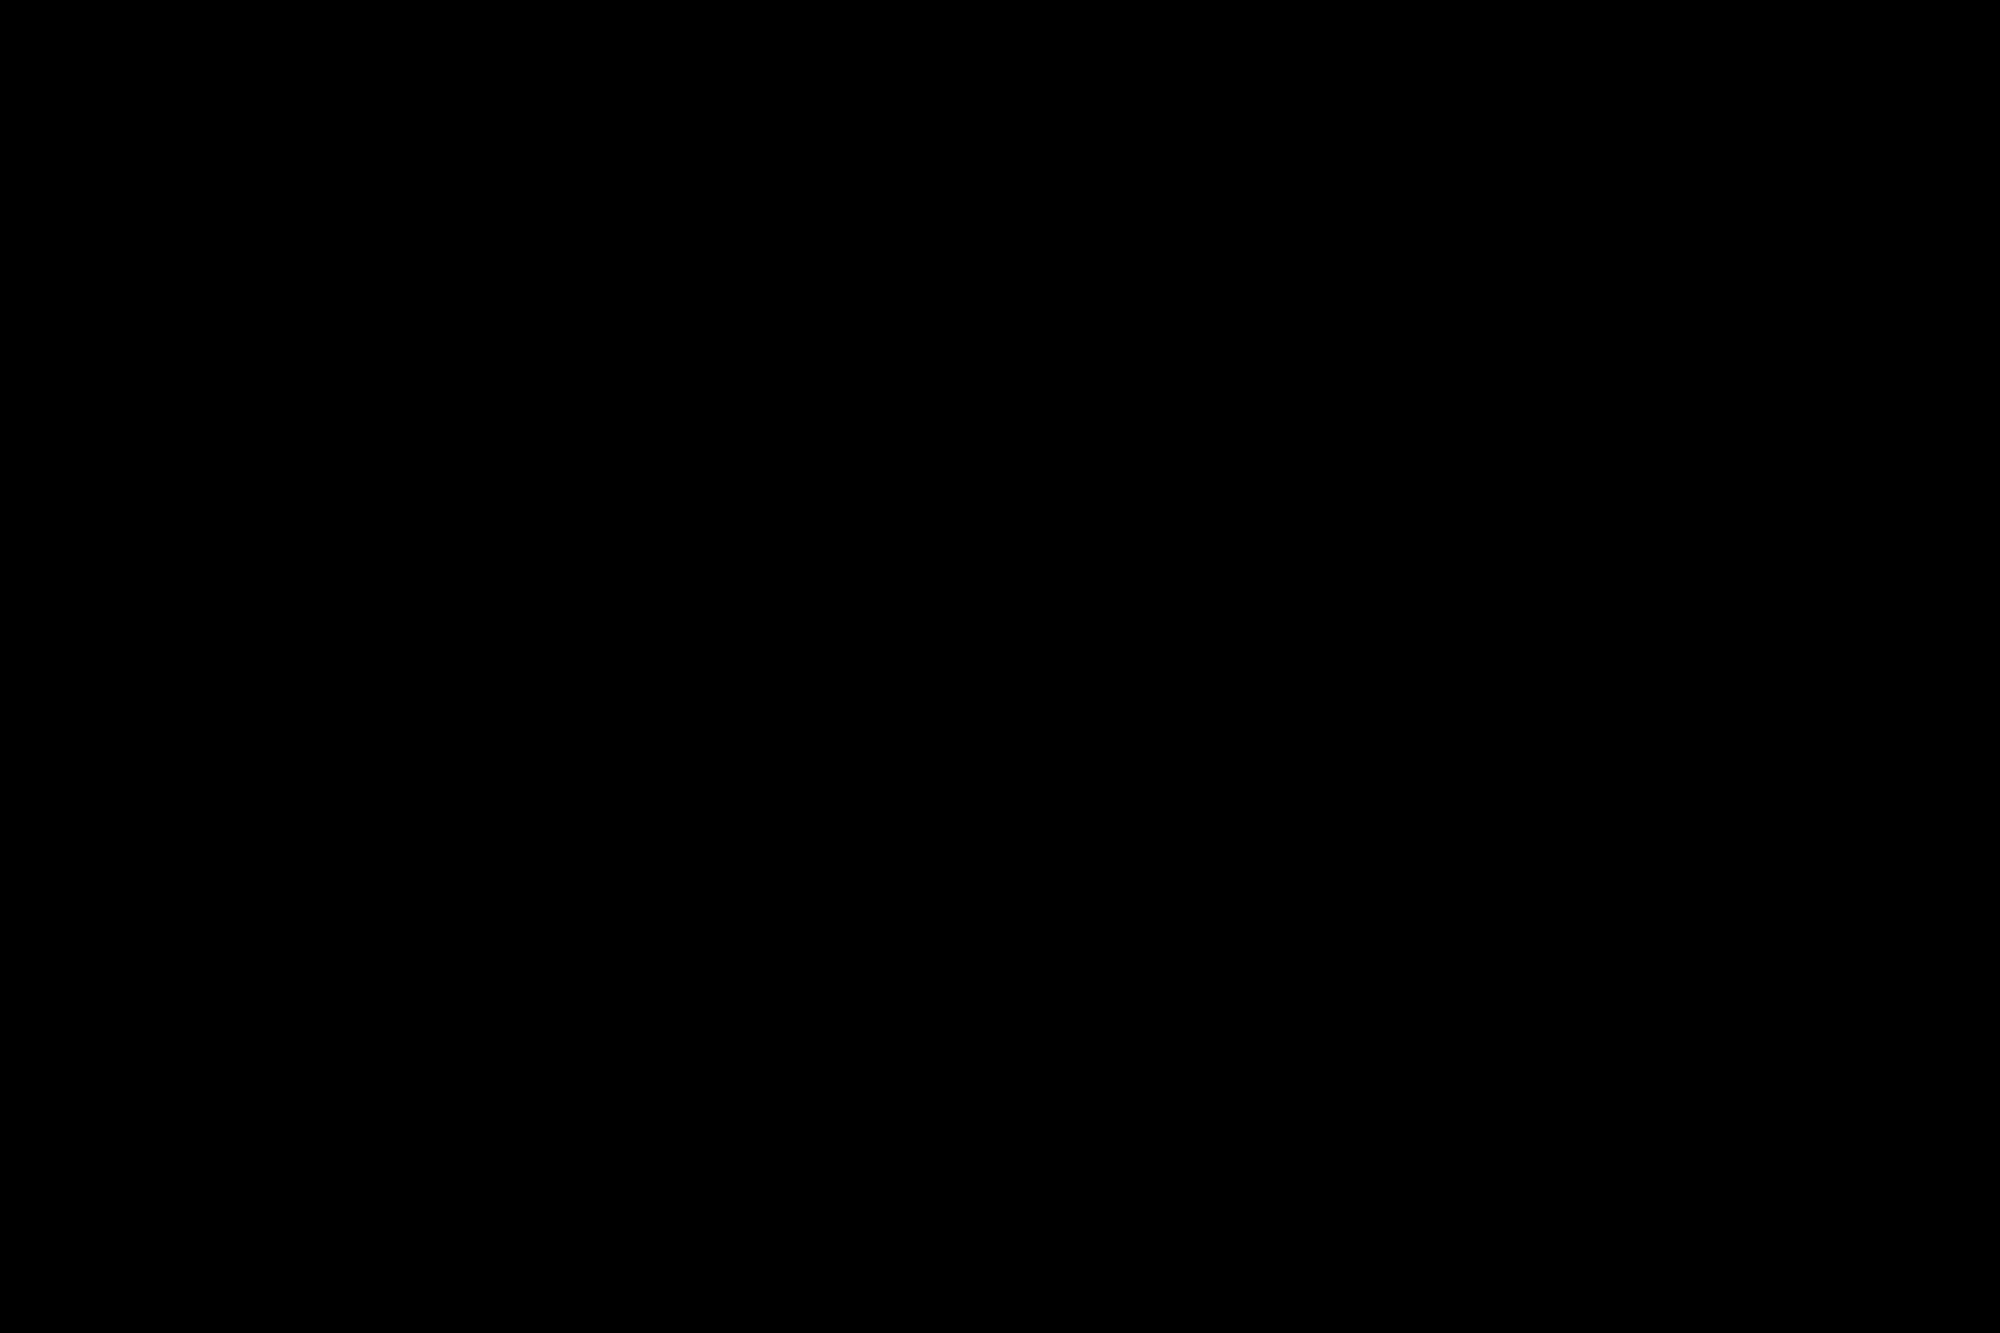 Salicilato de metila: estrutura, propriedades, usos e síntese 1